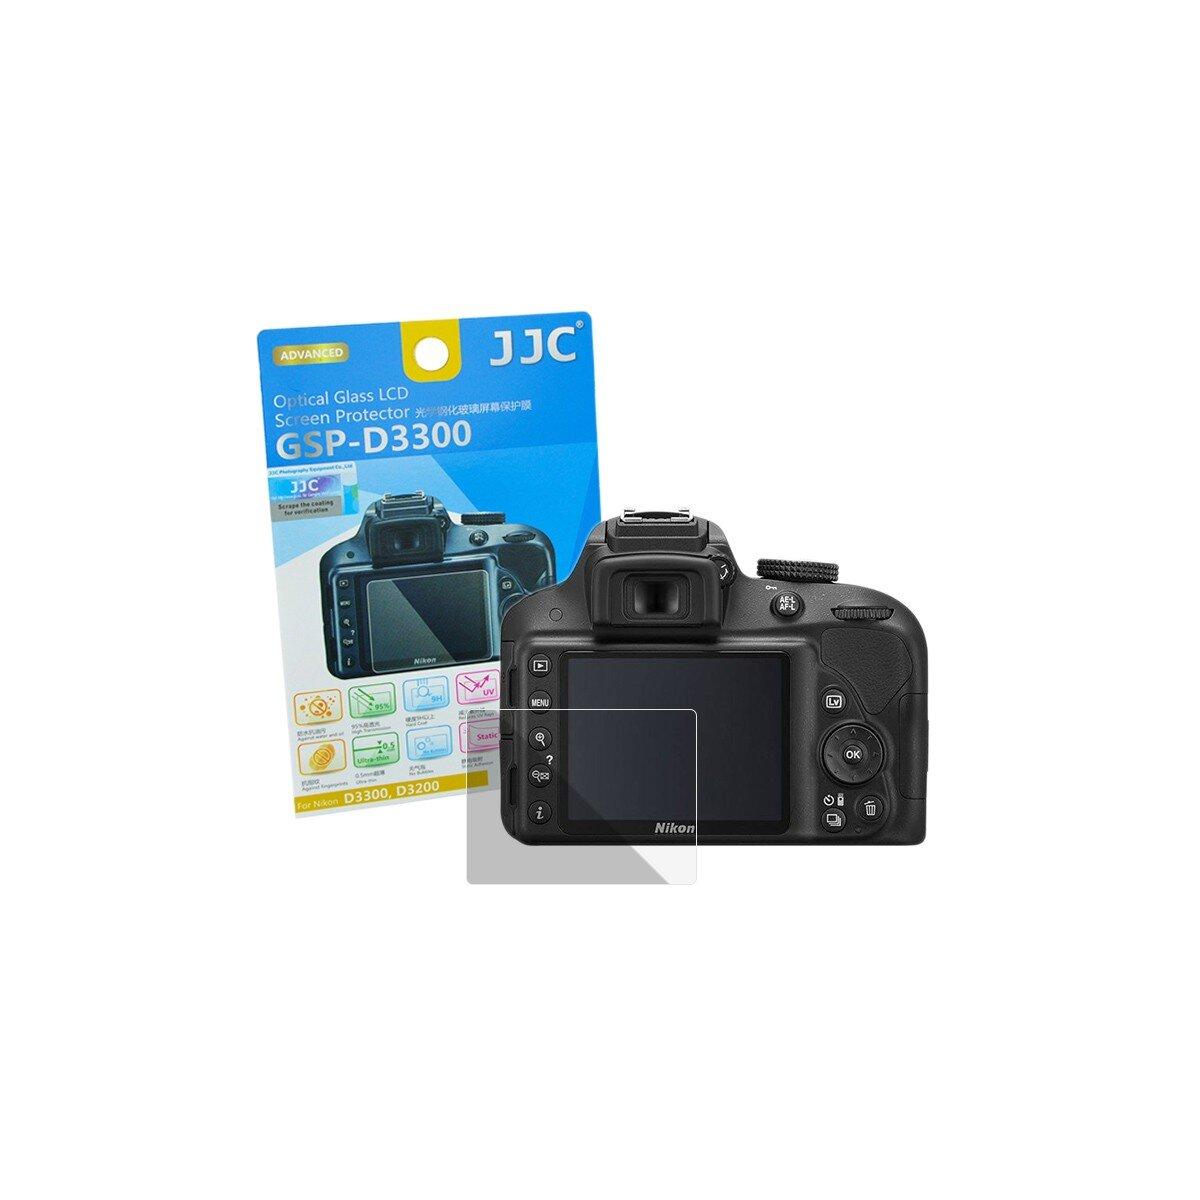 Hochwertiger Displayschutz Screen Protector aus gehaertetem Echtglas, passend fuer Nikon D3300